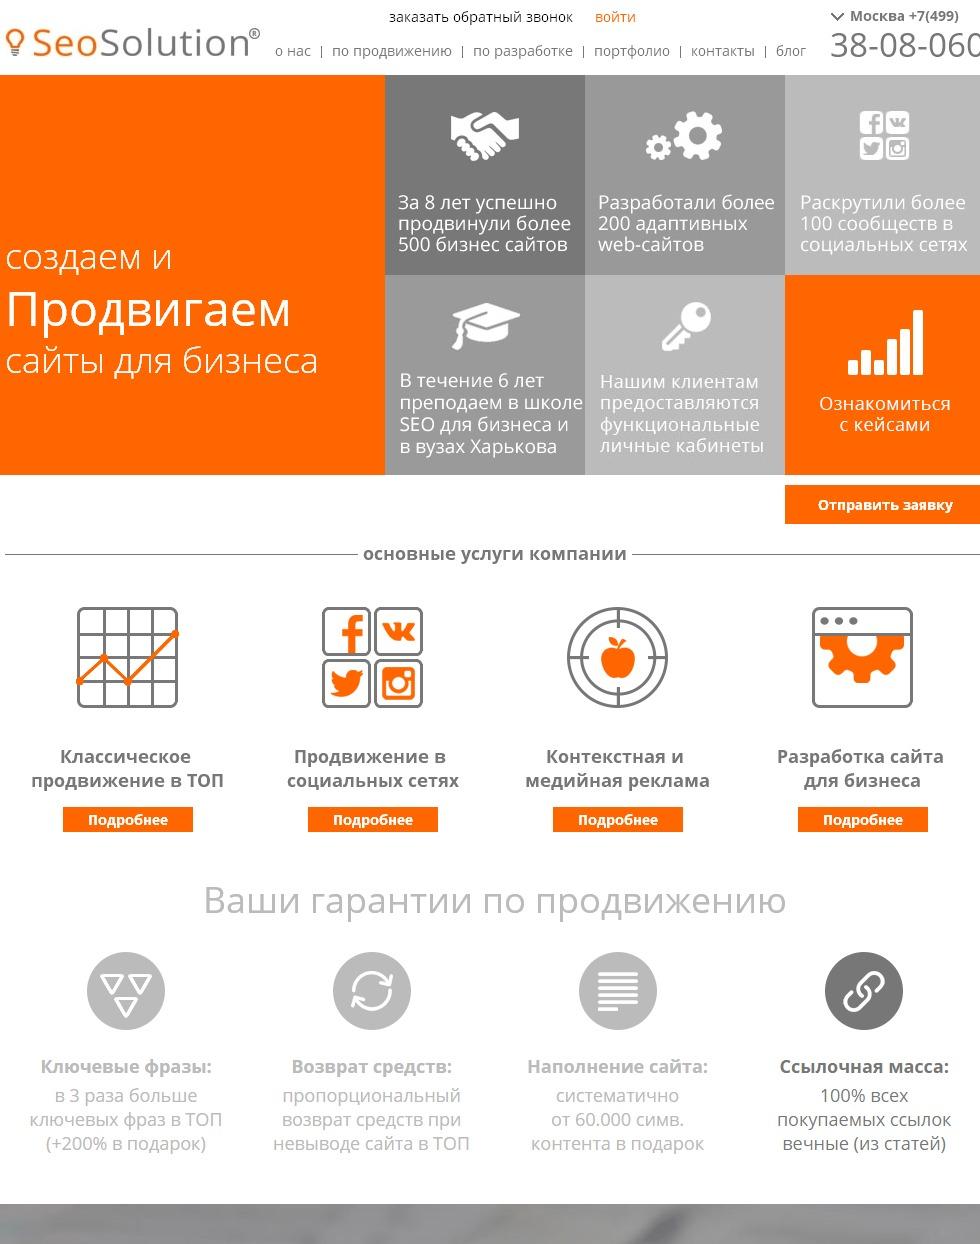 раскрутка сайта от Seo Solution в России